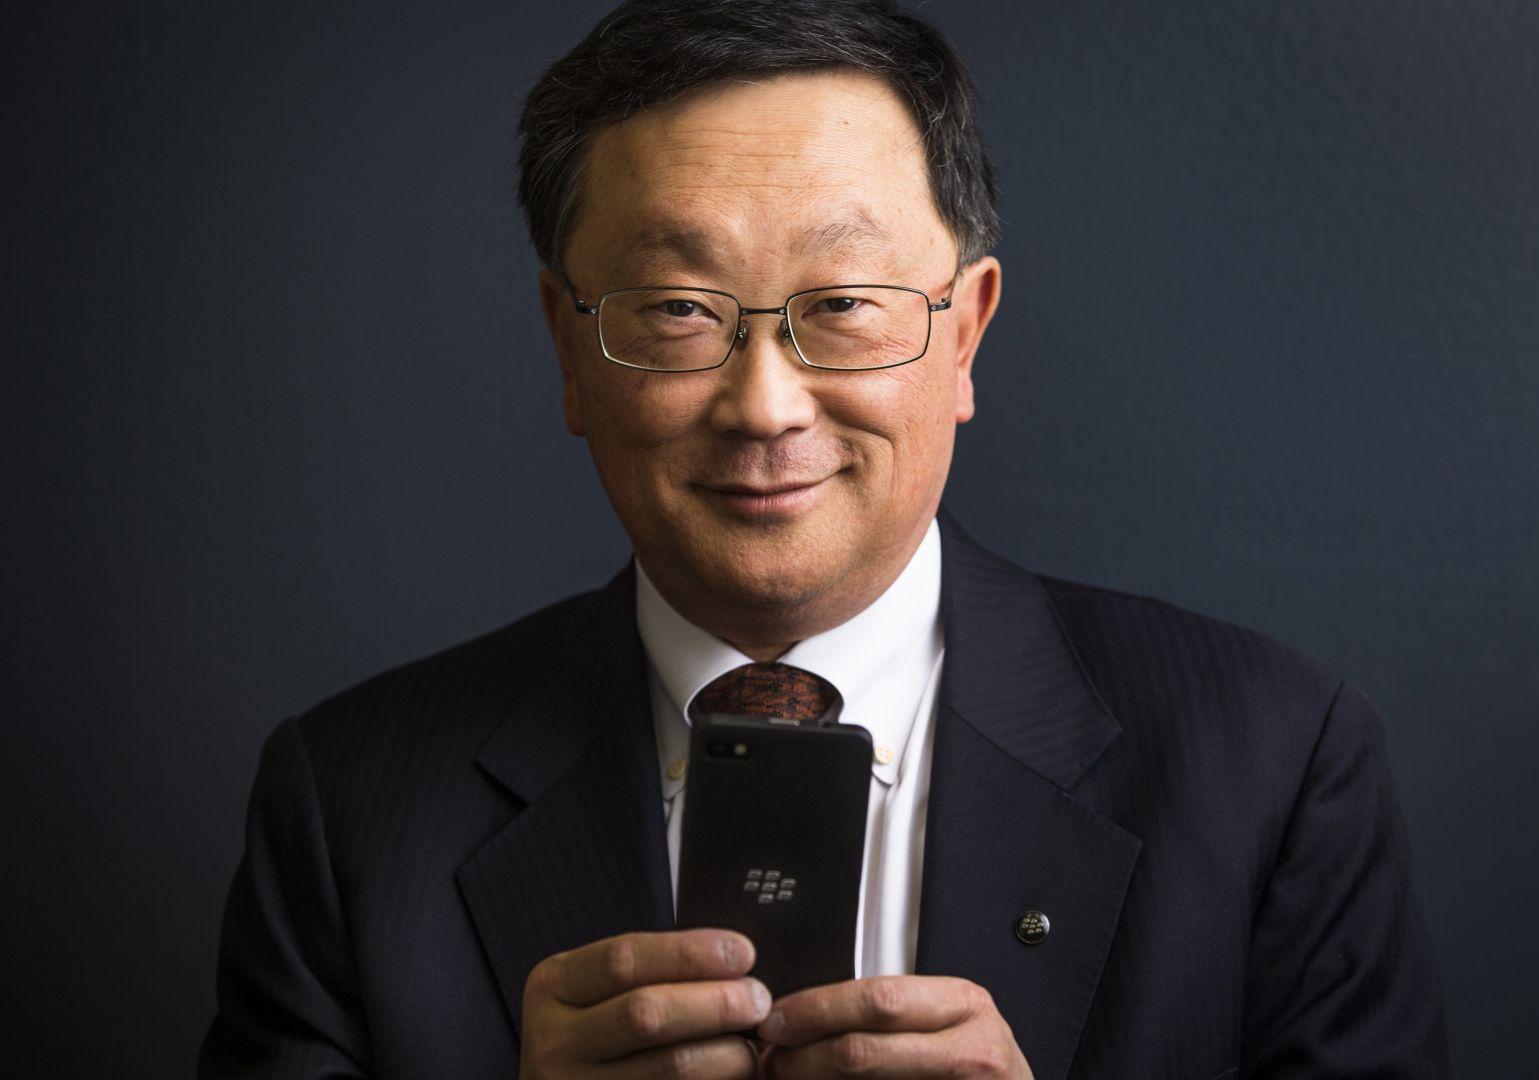 Джон Чен рассказал о перспективах развития беспилотных автомобилей